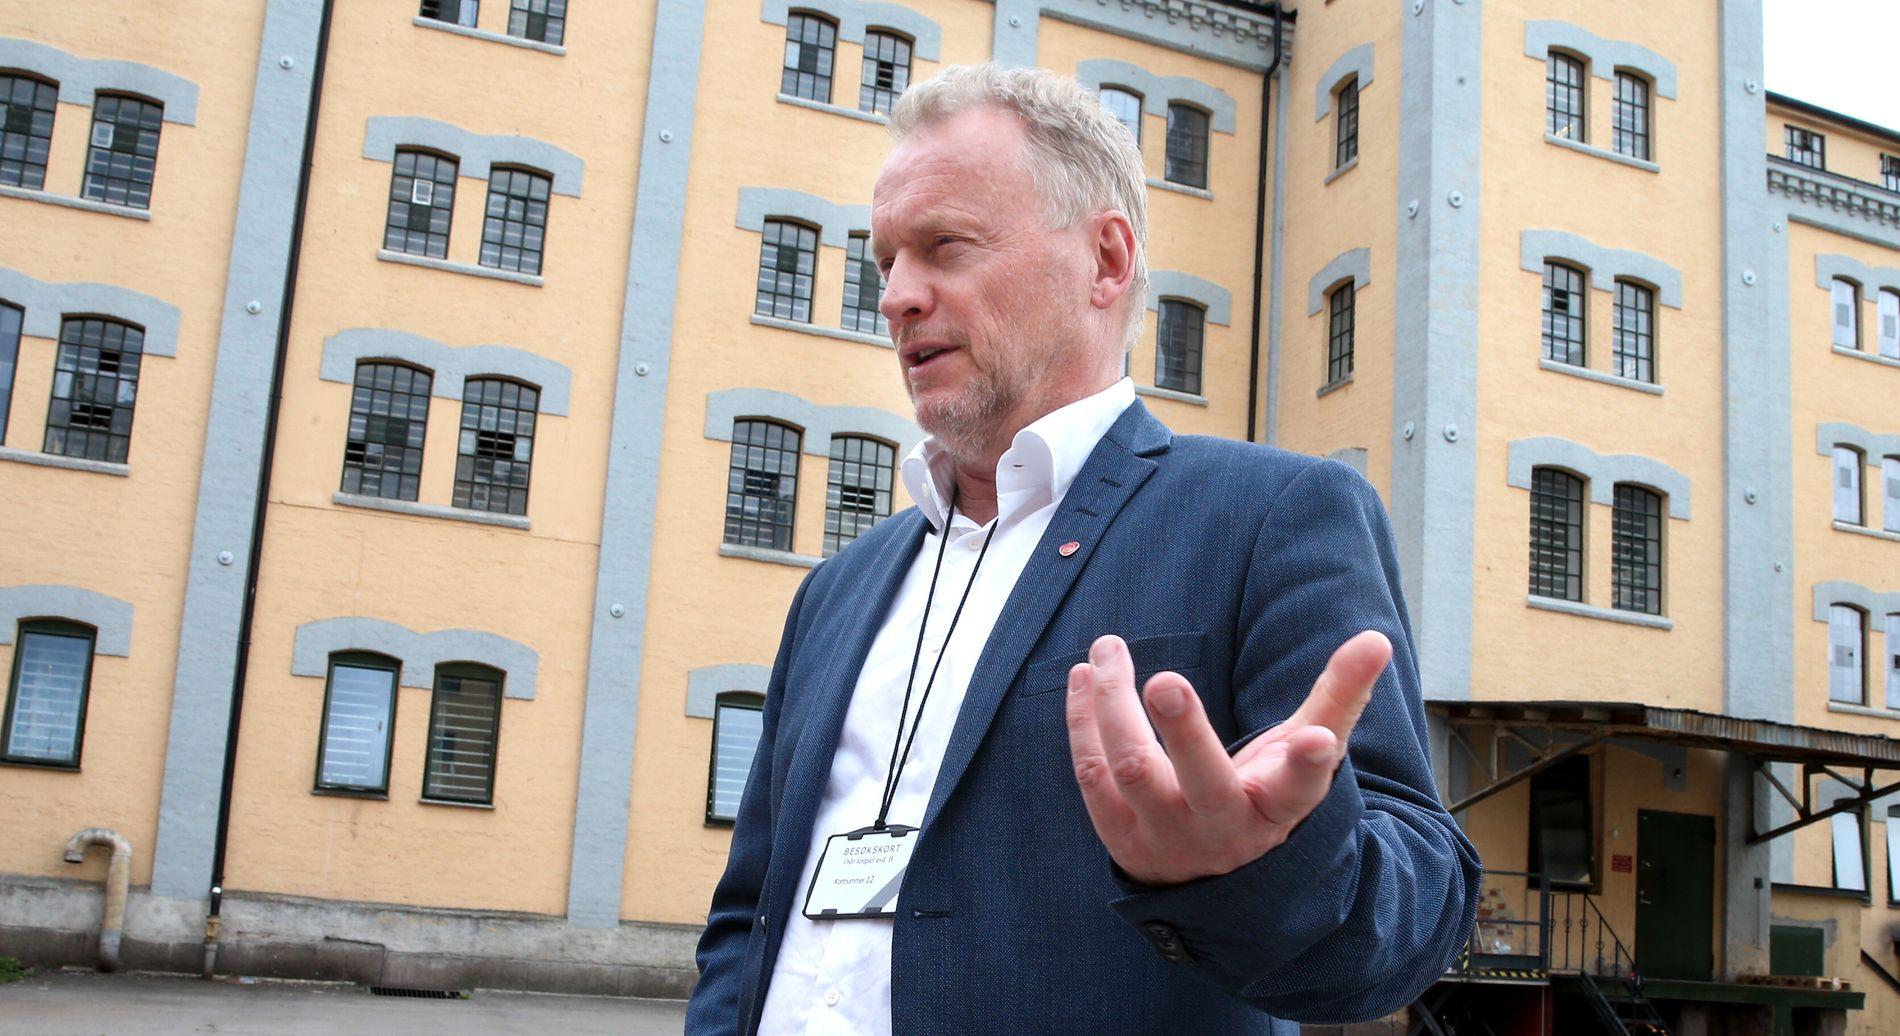 VIL INTEGRERE BEDRE: - FrP og Høyre sørget for opphopnng av flyktninger i blant annet Groruddalen, påpeker  byrådsleder Raymond Johansen (A).